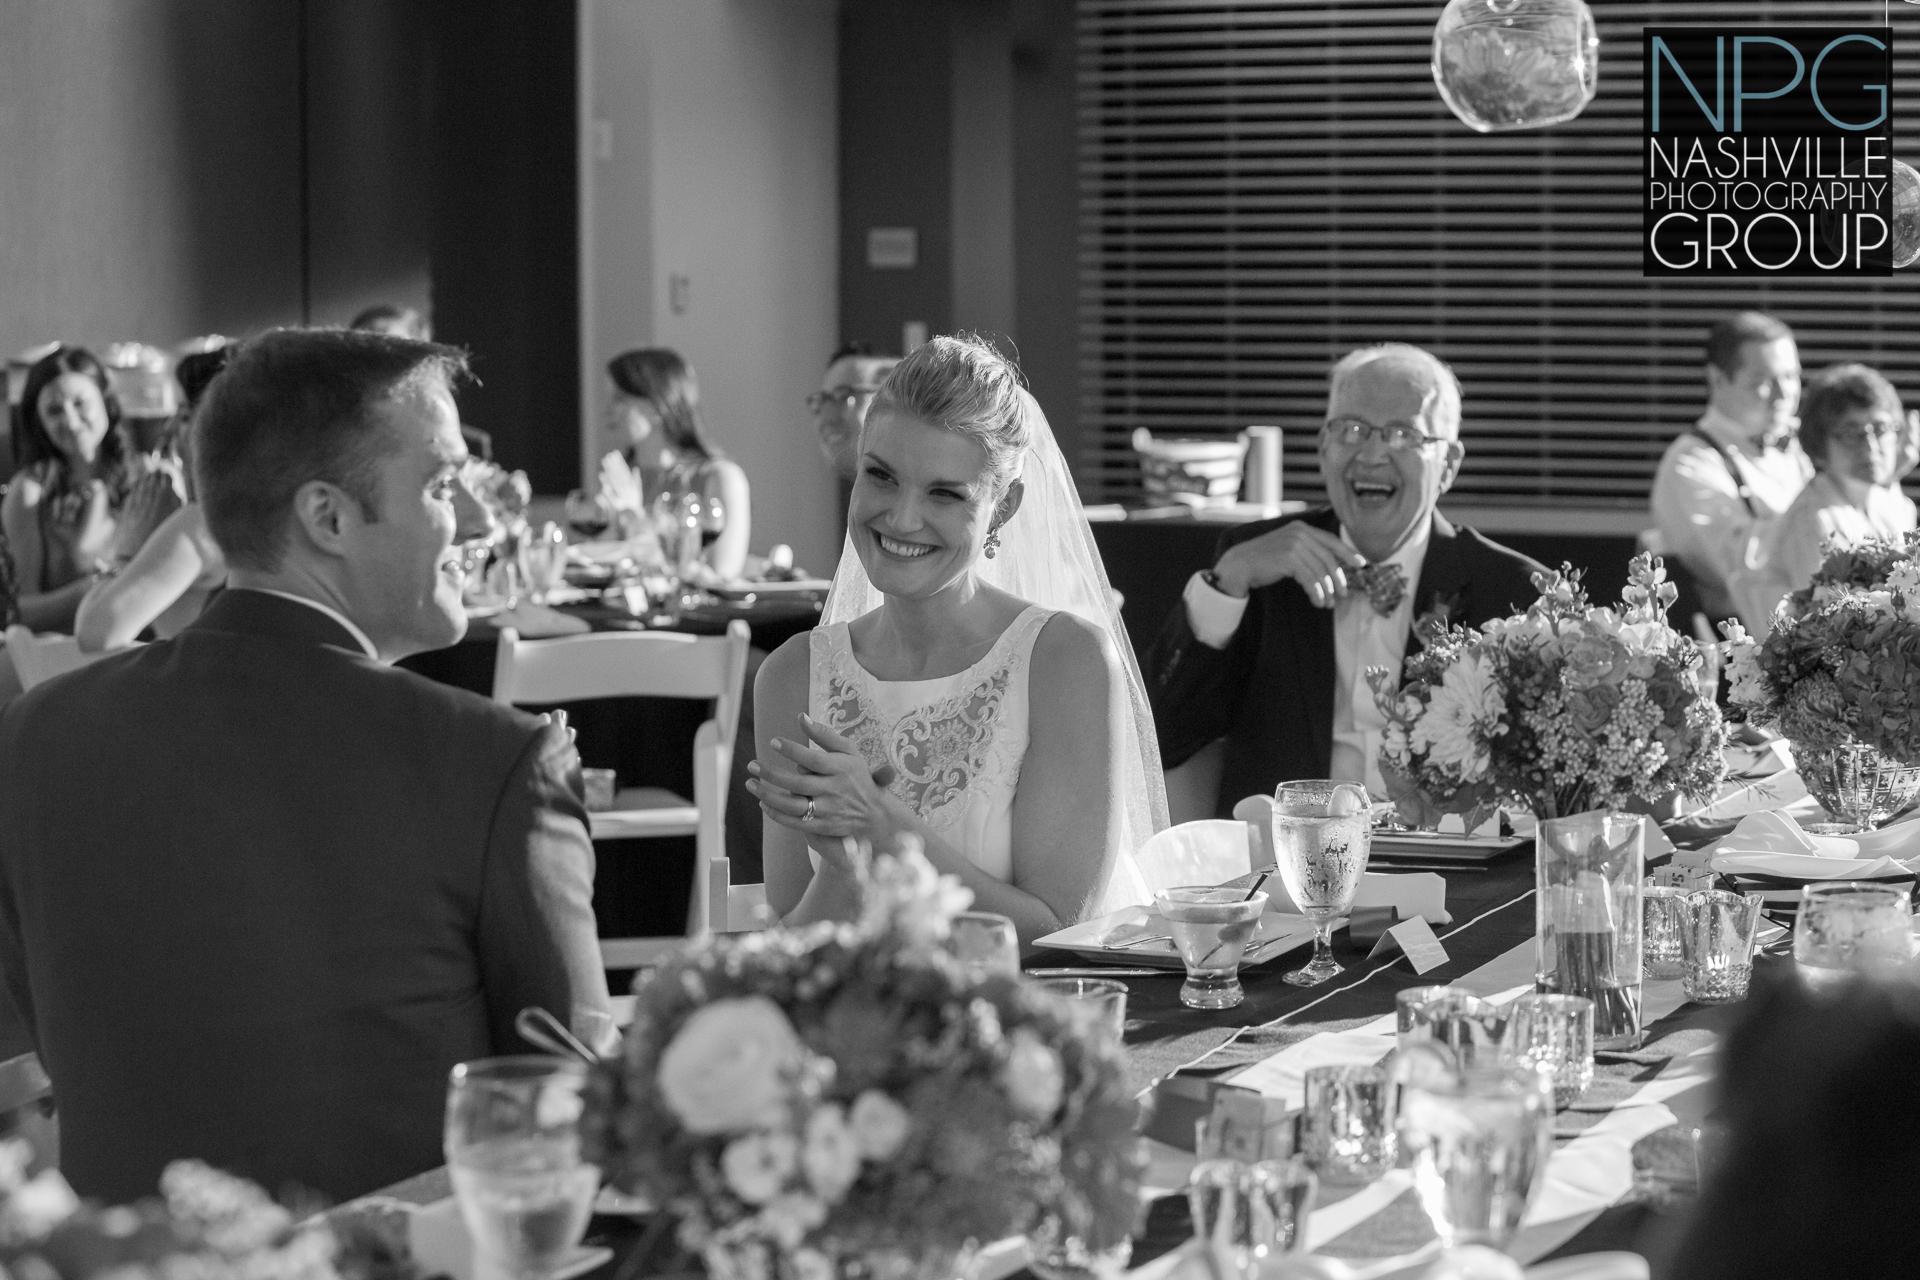 Nashville Photography Group - wedding photographers (5 of 5).jpg